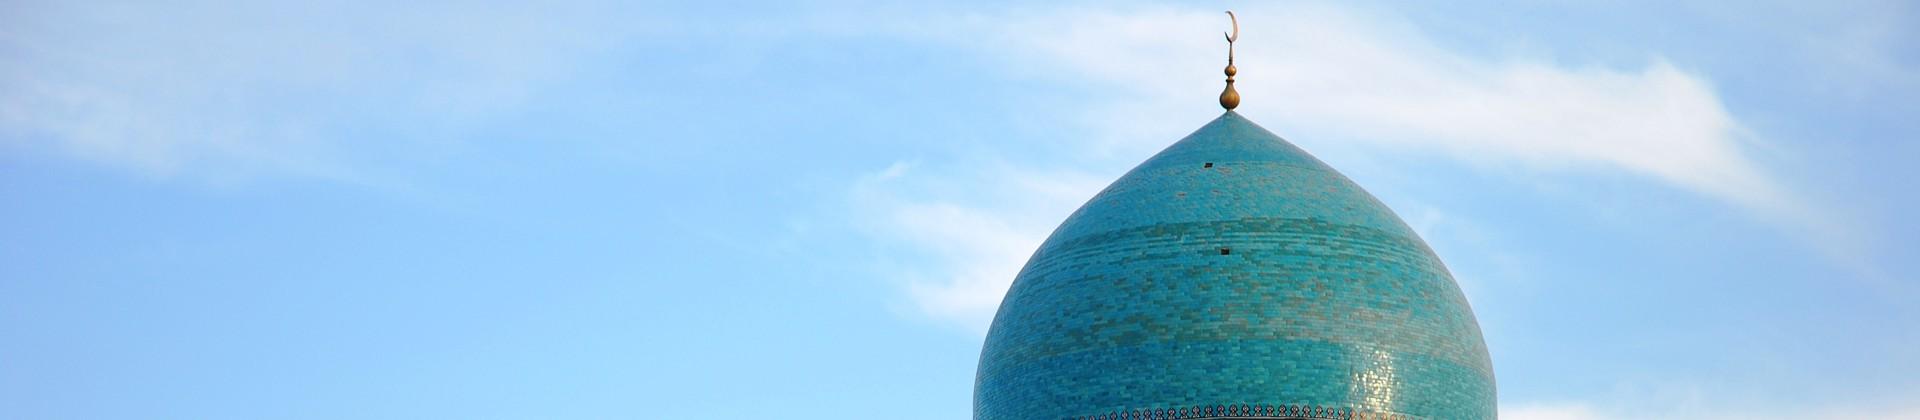 The Pearls of Uzbekistan (Economy) - 1